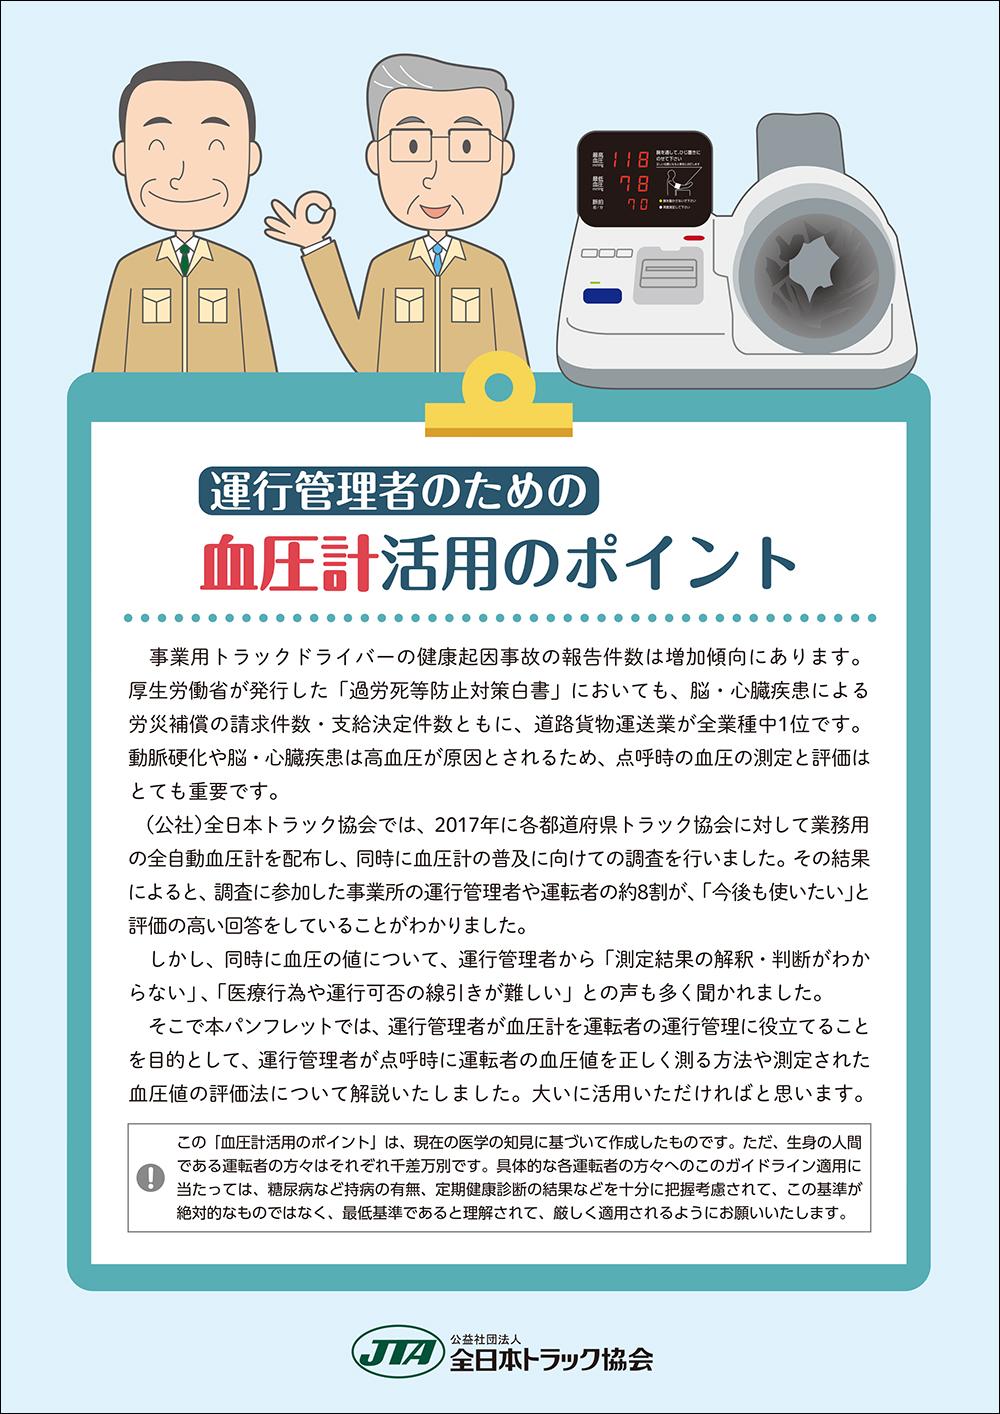 「運行管理者のための血圧計活用のポイント」パンフレット